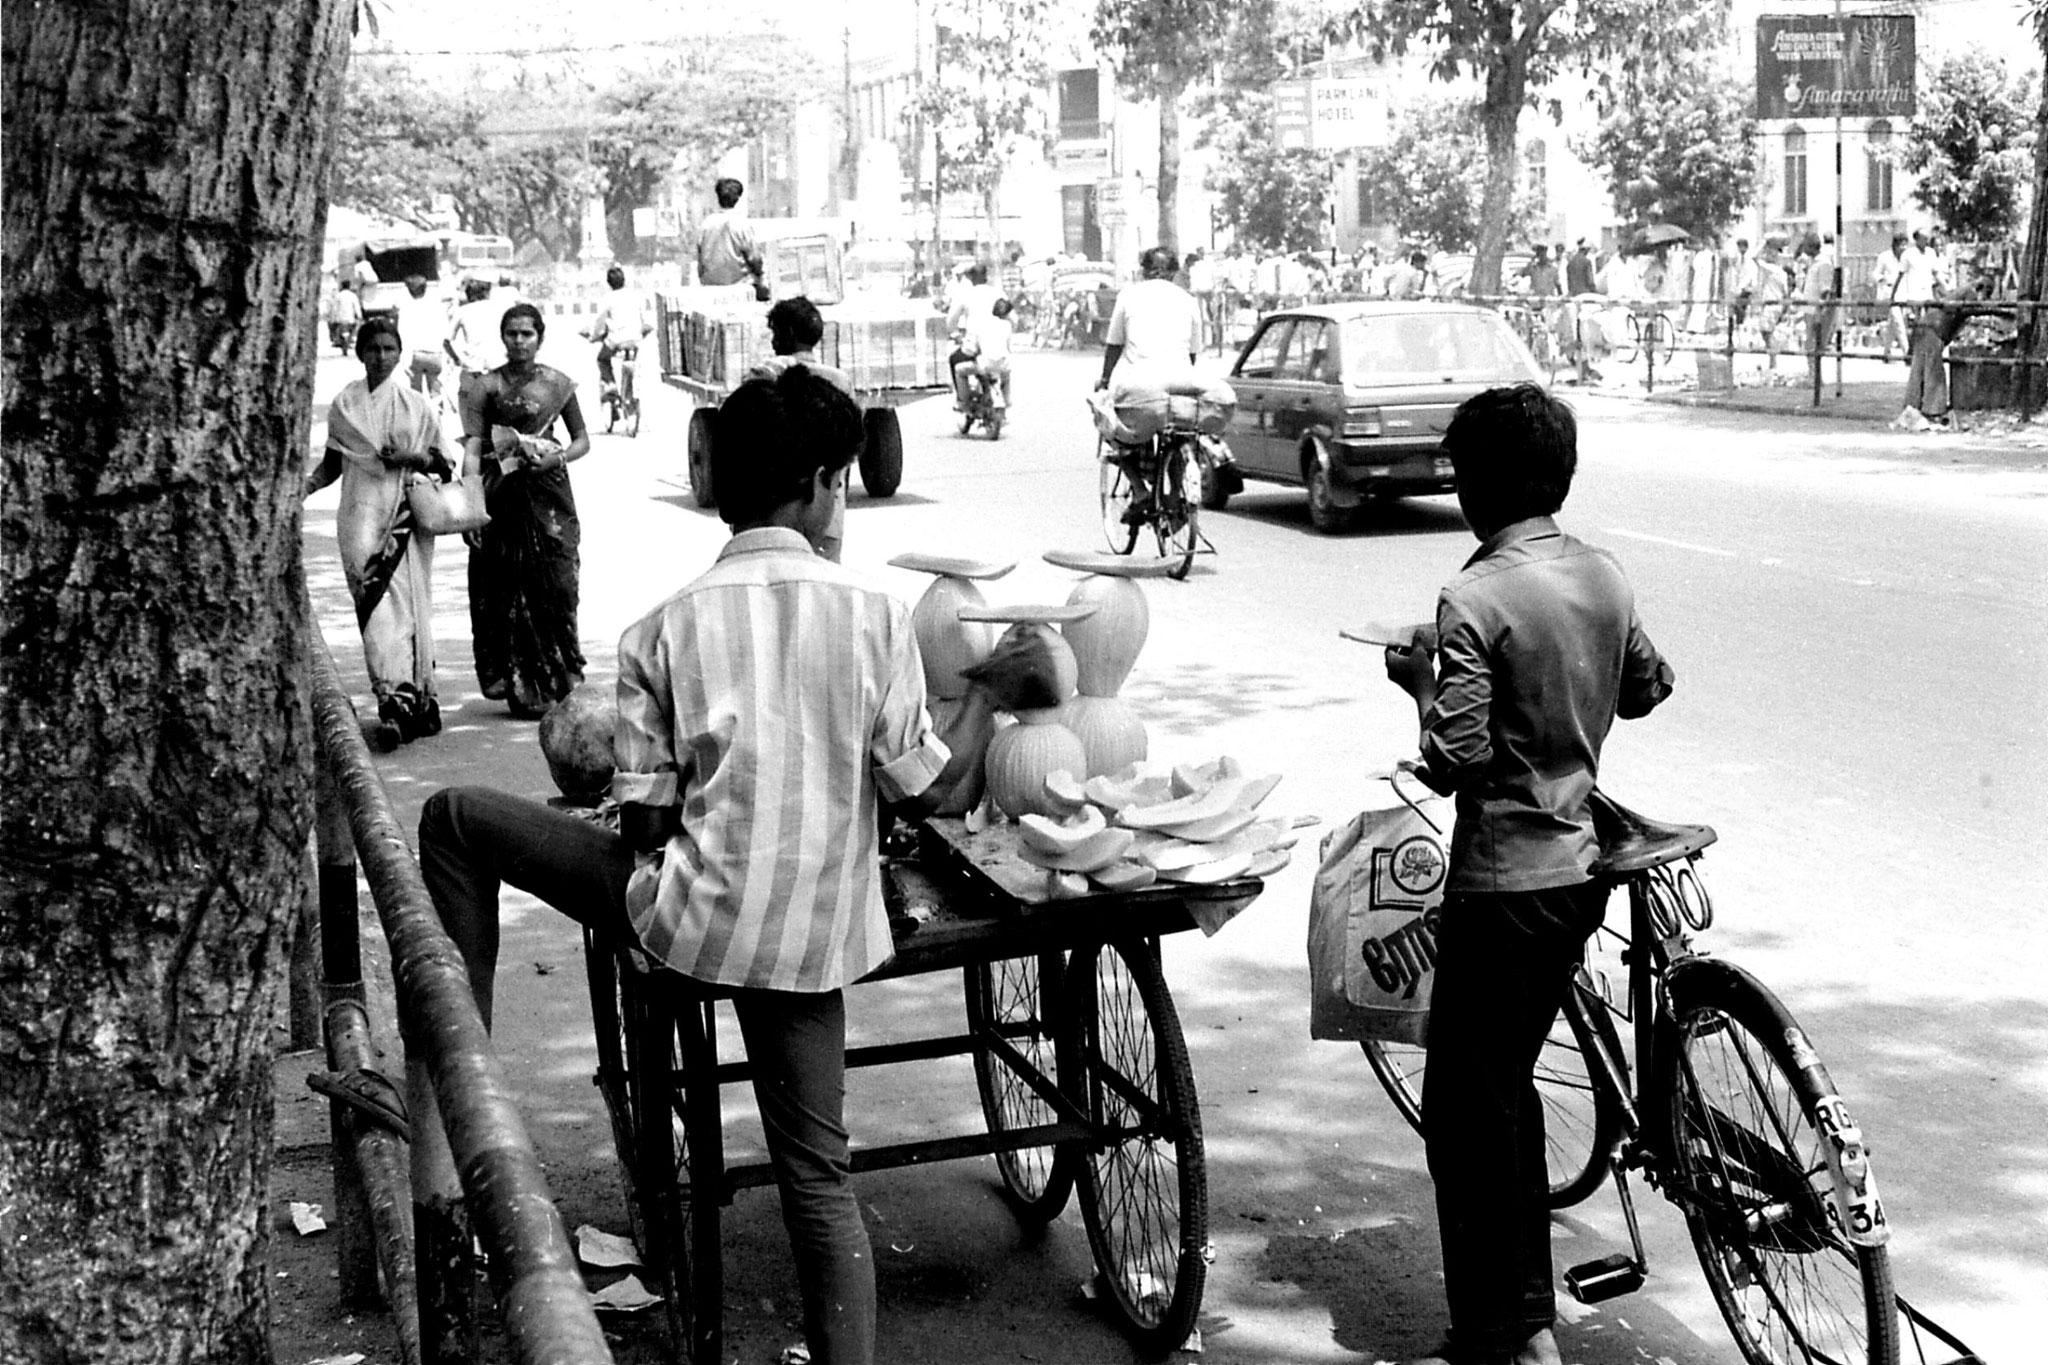 14/3/90: 26: Mysore